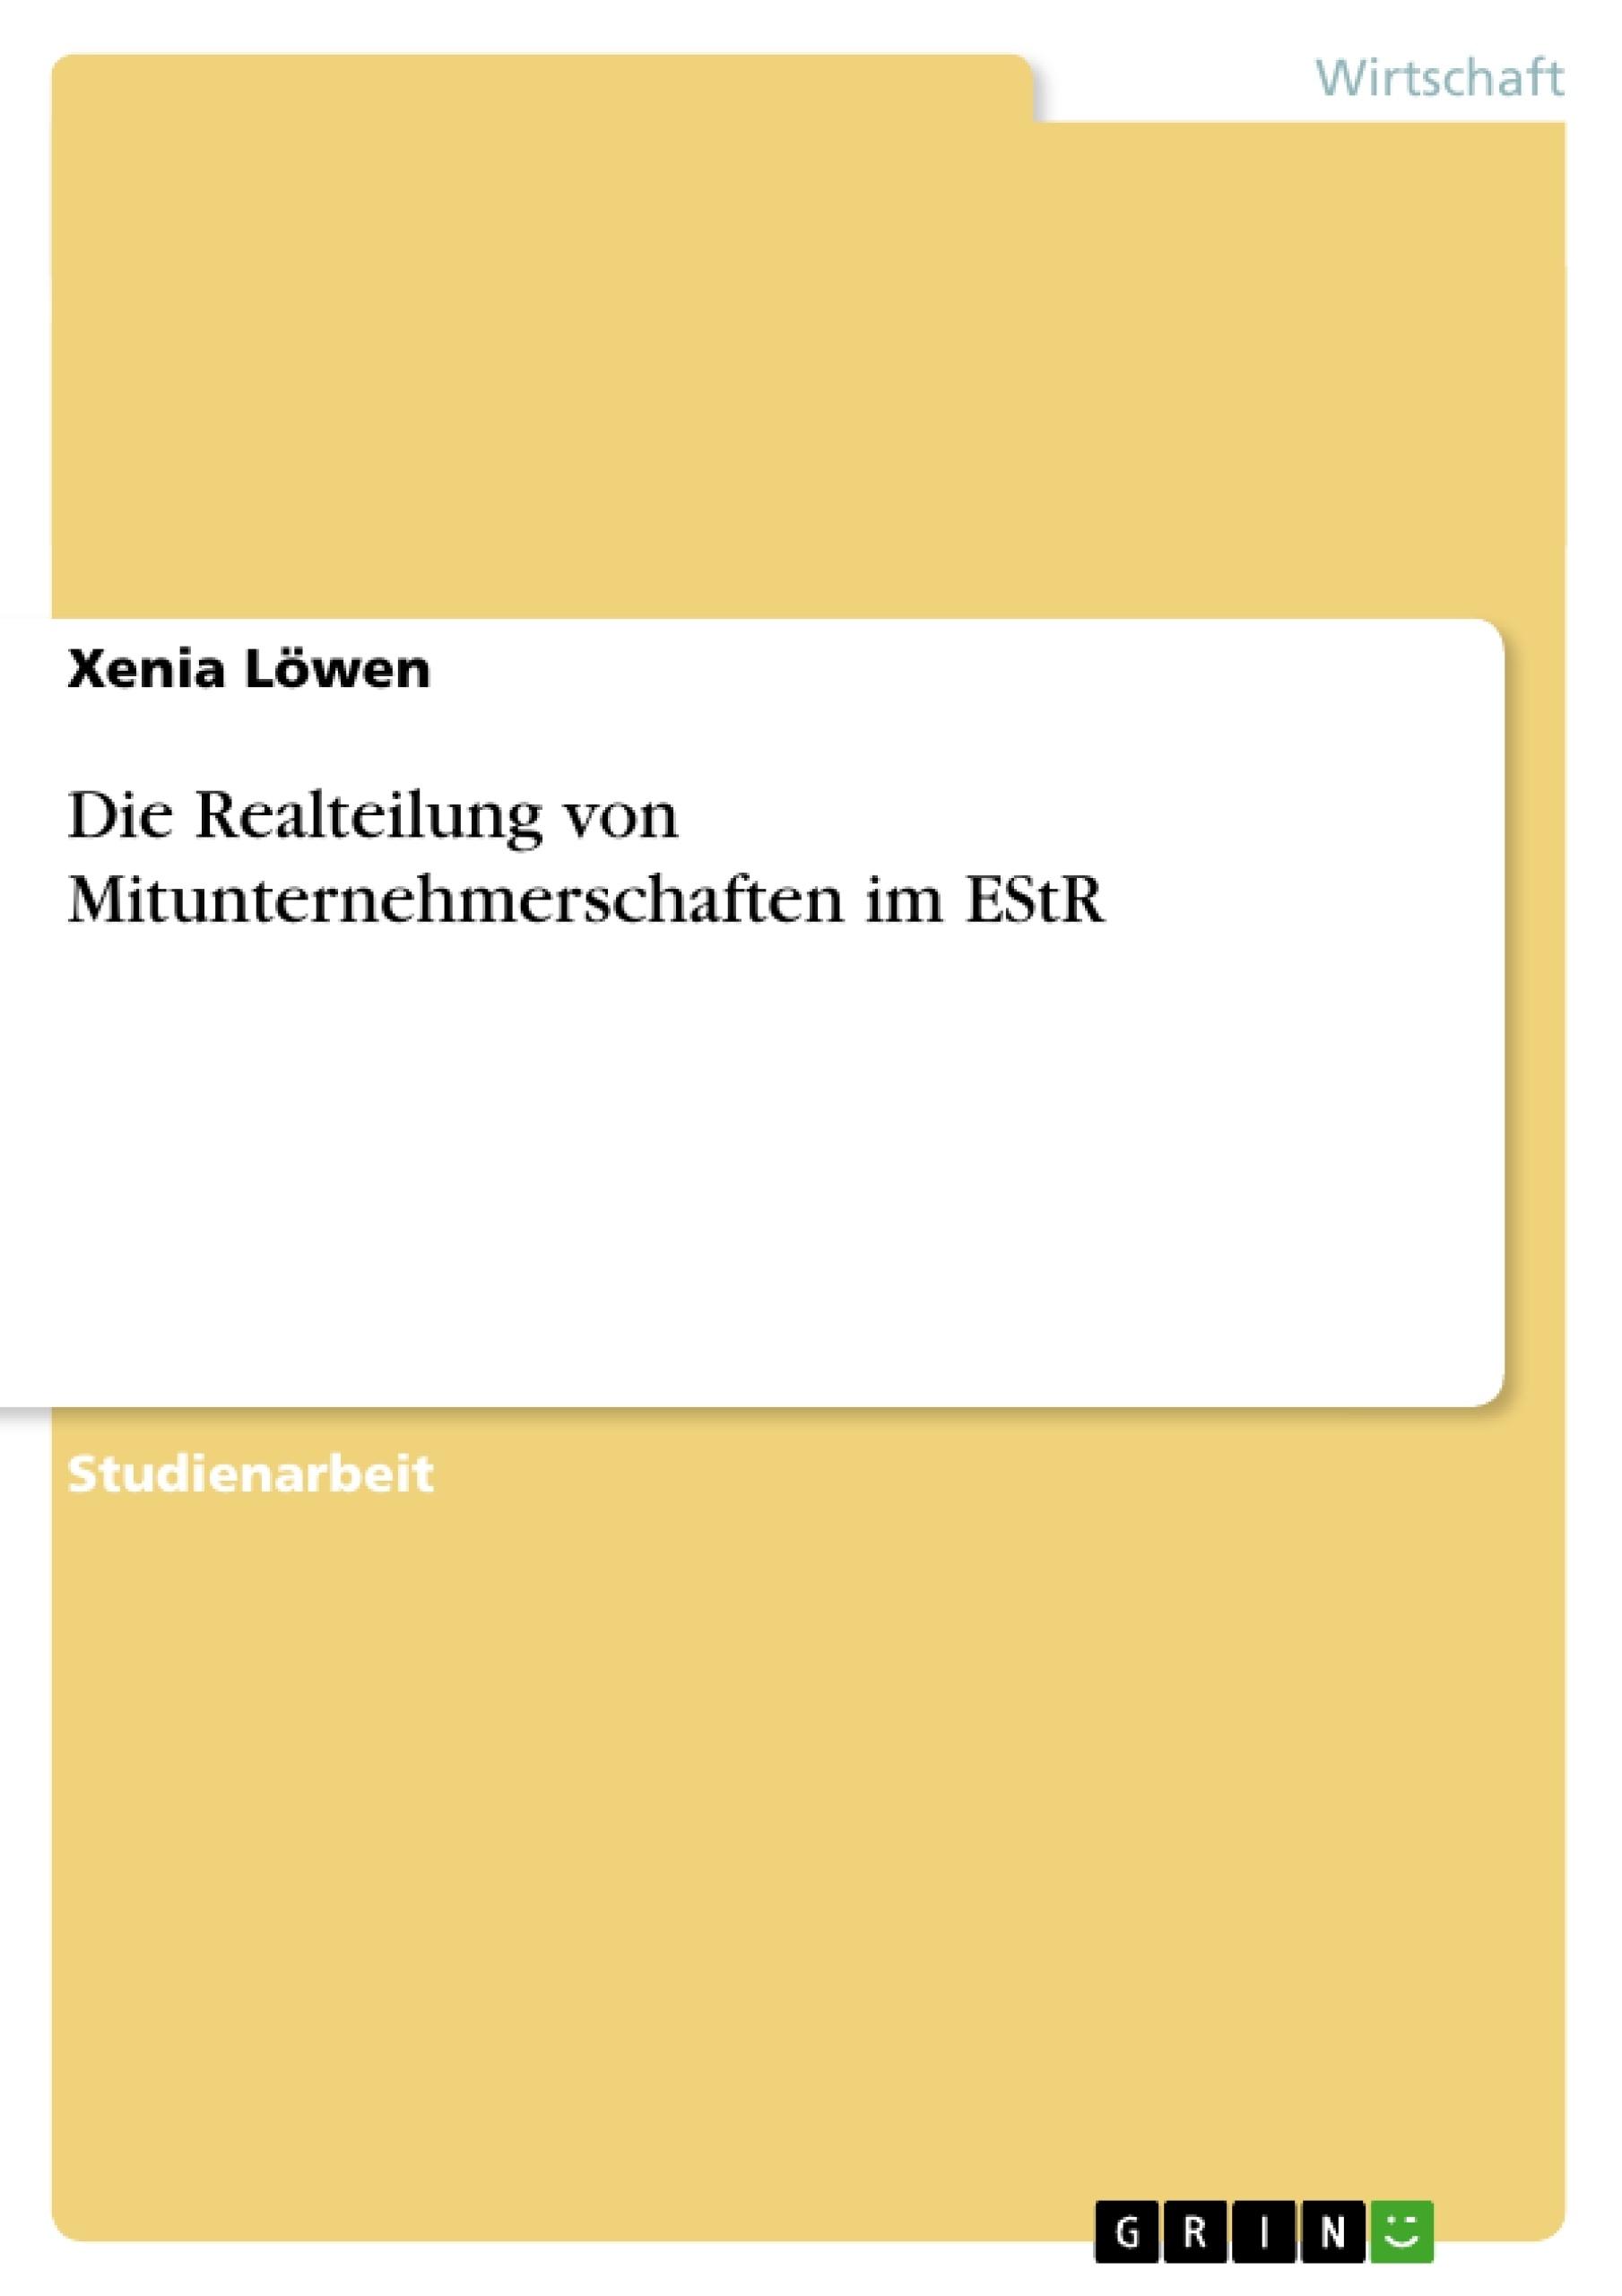 Titel: Die Realteilung von Mitunternehmerschaften im EStR